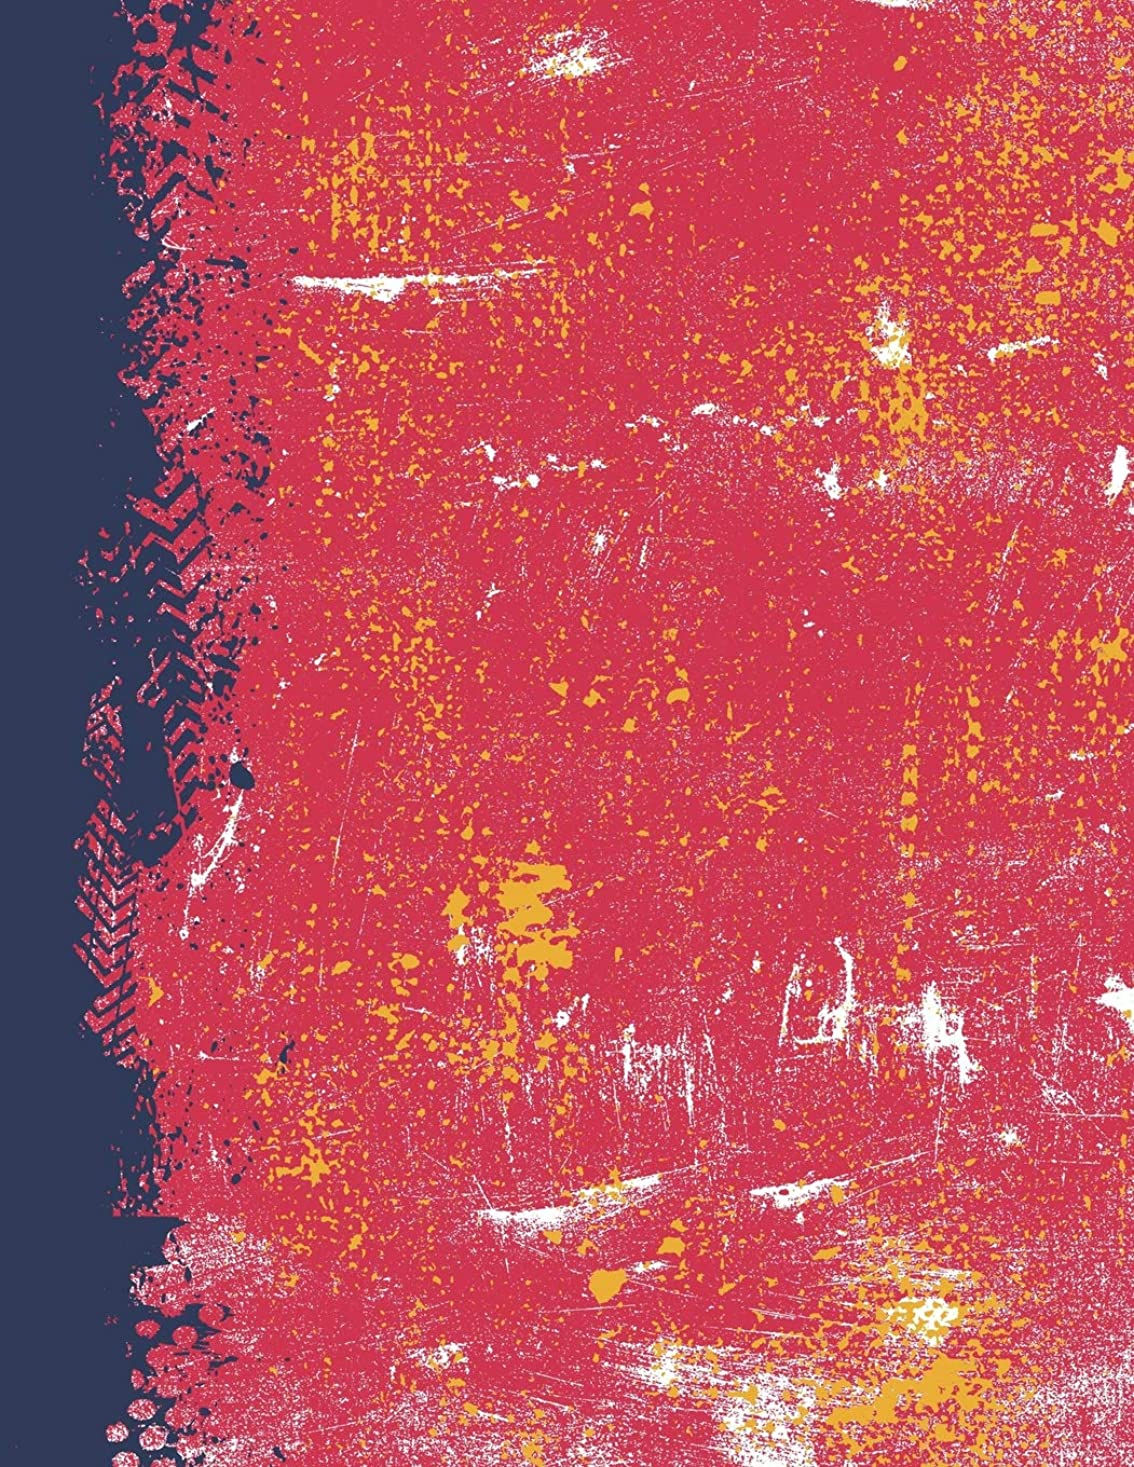 チェリー把握晴れScarlet Navy And Gold: (8.5 x 11 Lined) Blank Grunge Team Color Notebook College Ruled